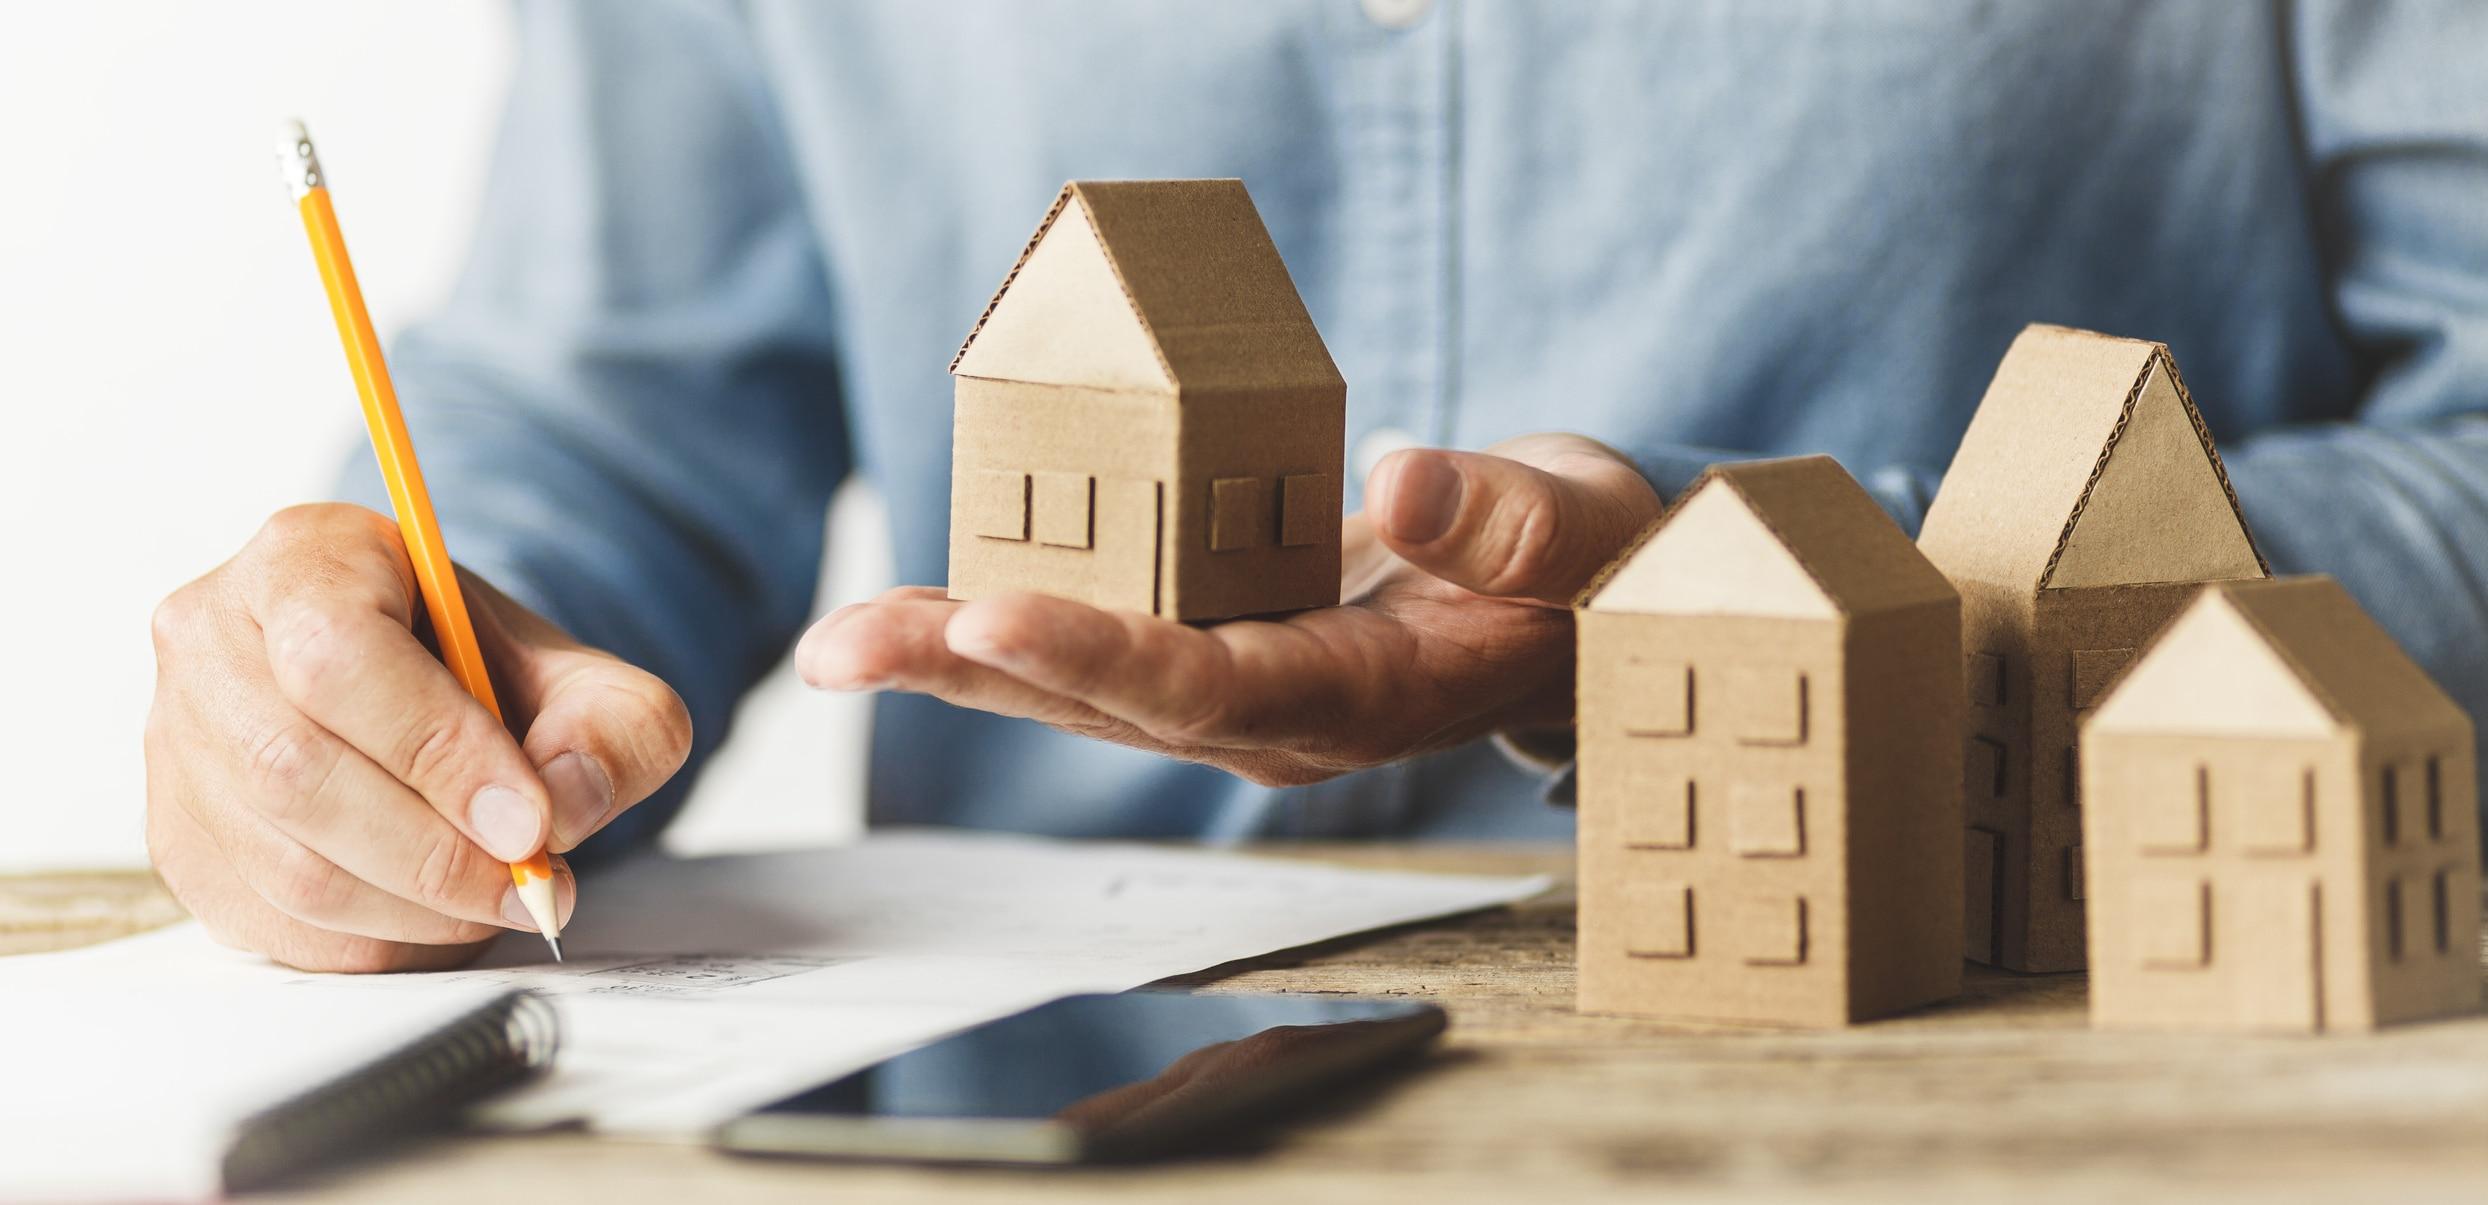 Un homme entrain de calculer avec des petites maisons en cartons dans sa main pour investir